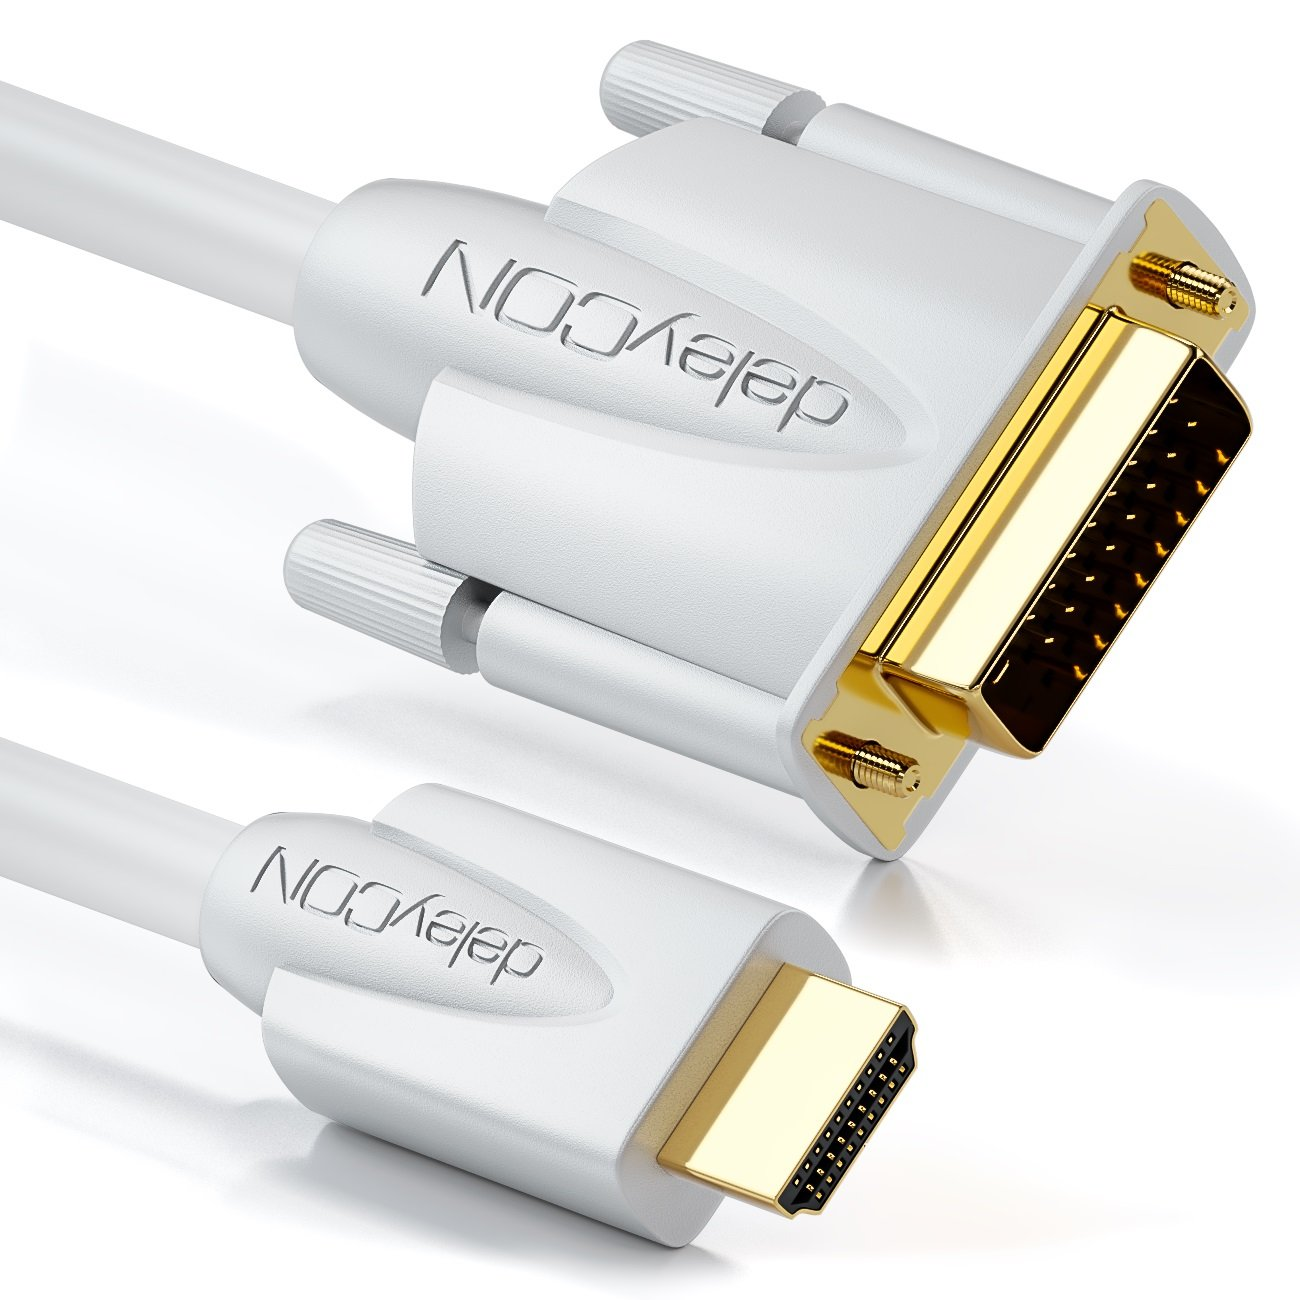 deleyCON 5m Cable HDMI a DVI - Conector HDMI para Enchufe DVI 24+1 HDTV Full HD 1080p 1920x1080: Amazon.es: Electrónica